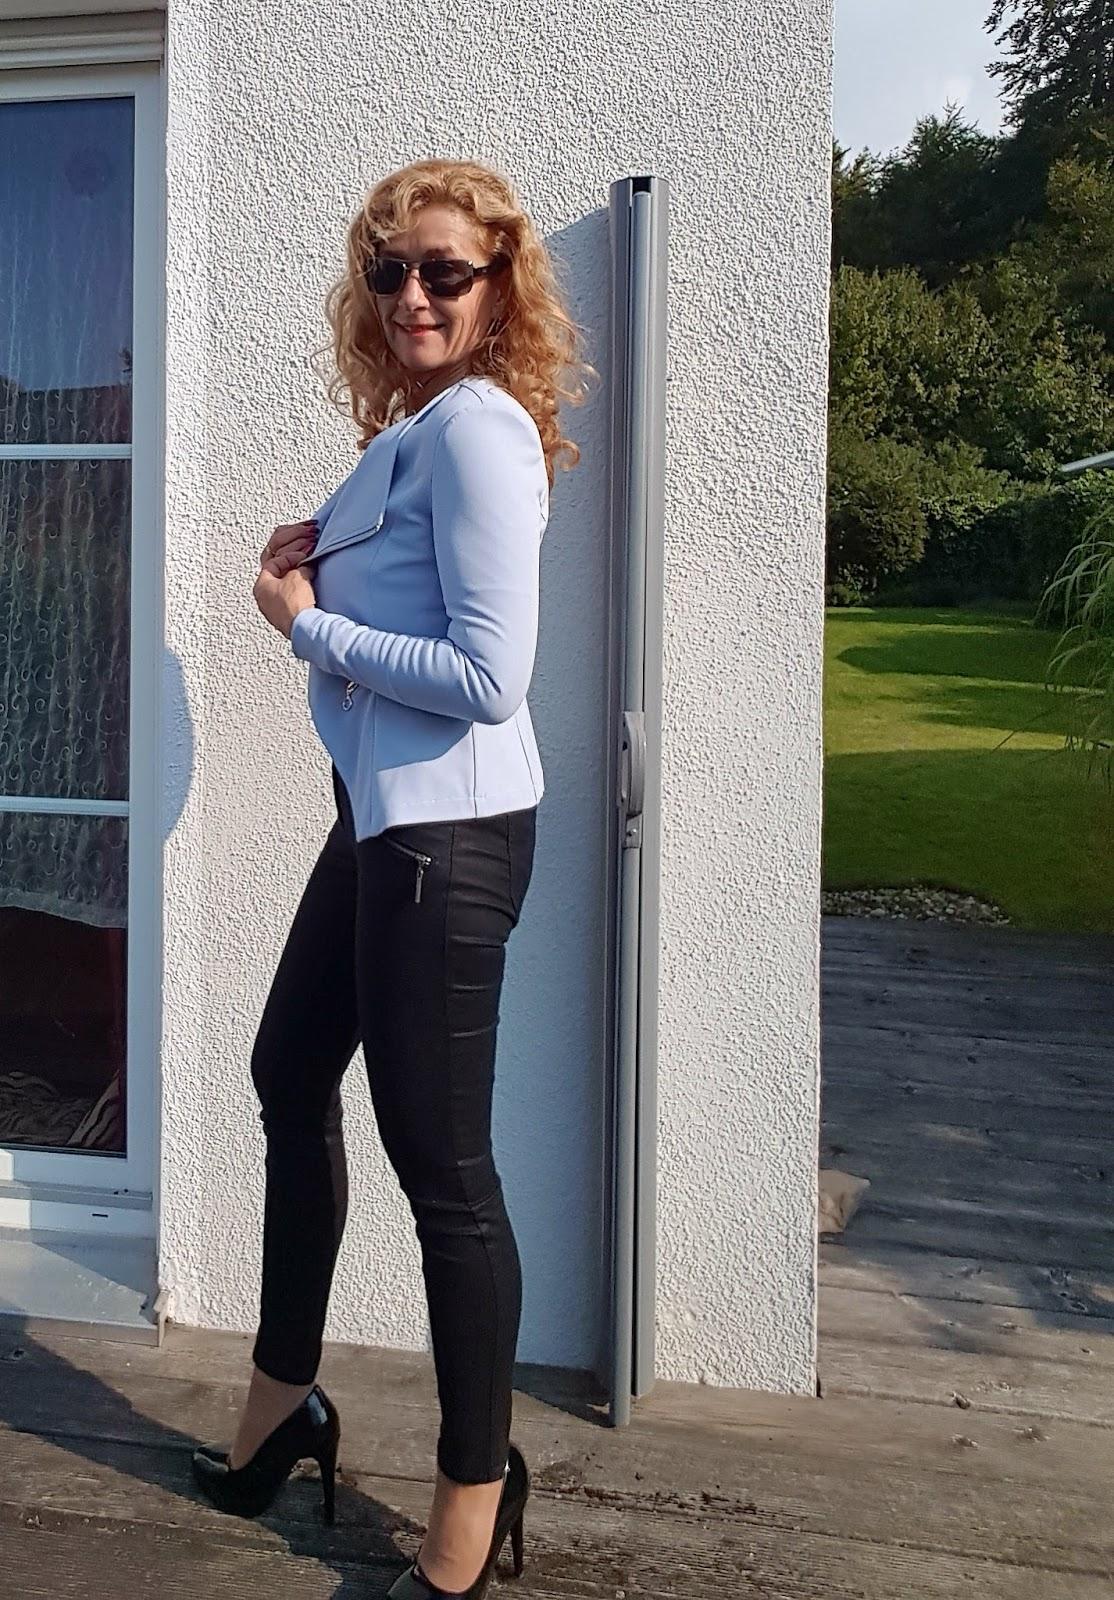 Hellblaue Jeans Schwarze Schuhe Womit kann man hellblauen